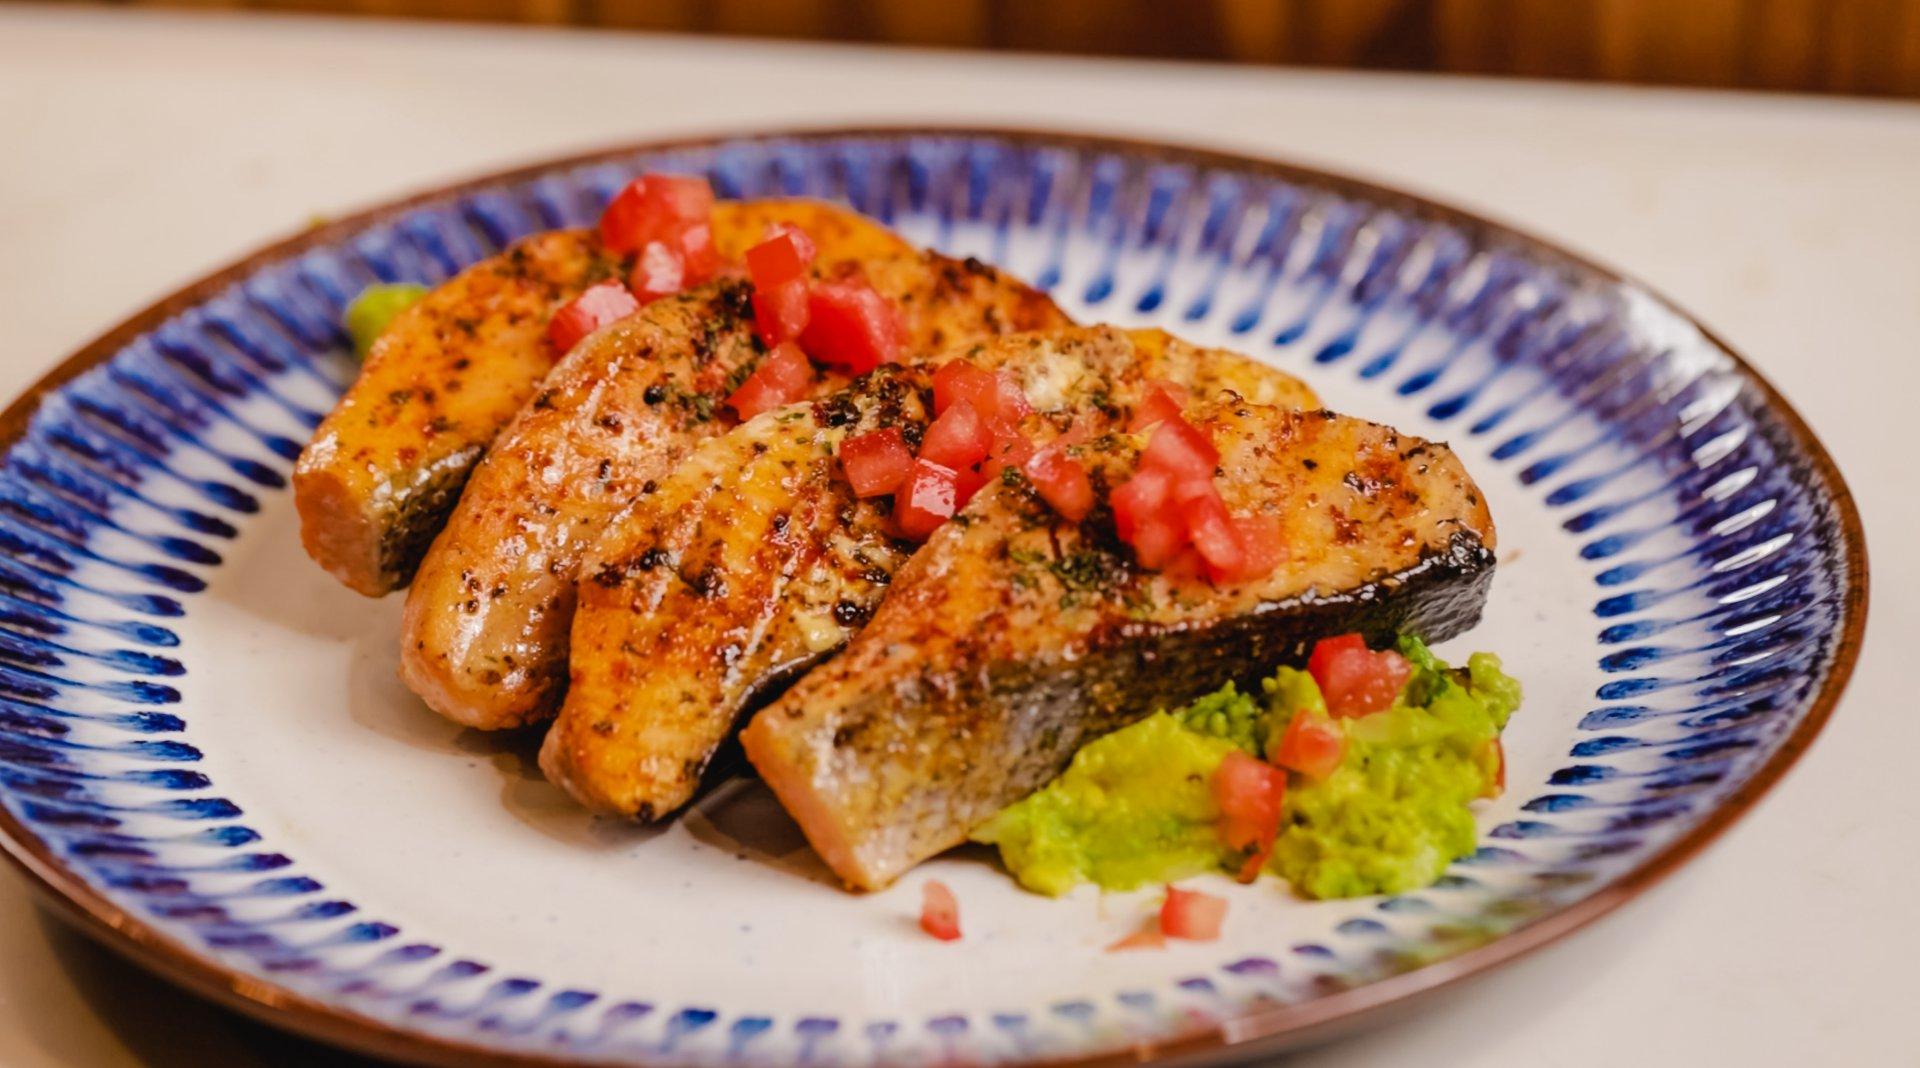 Mexican Seared Salmon Escallopinos